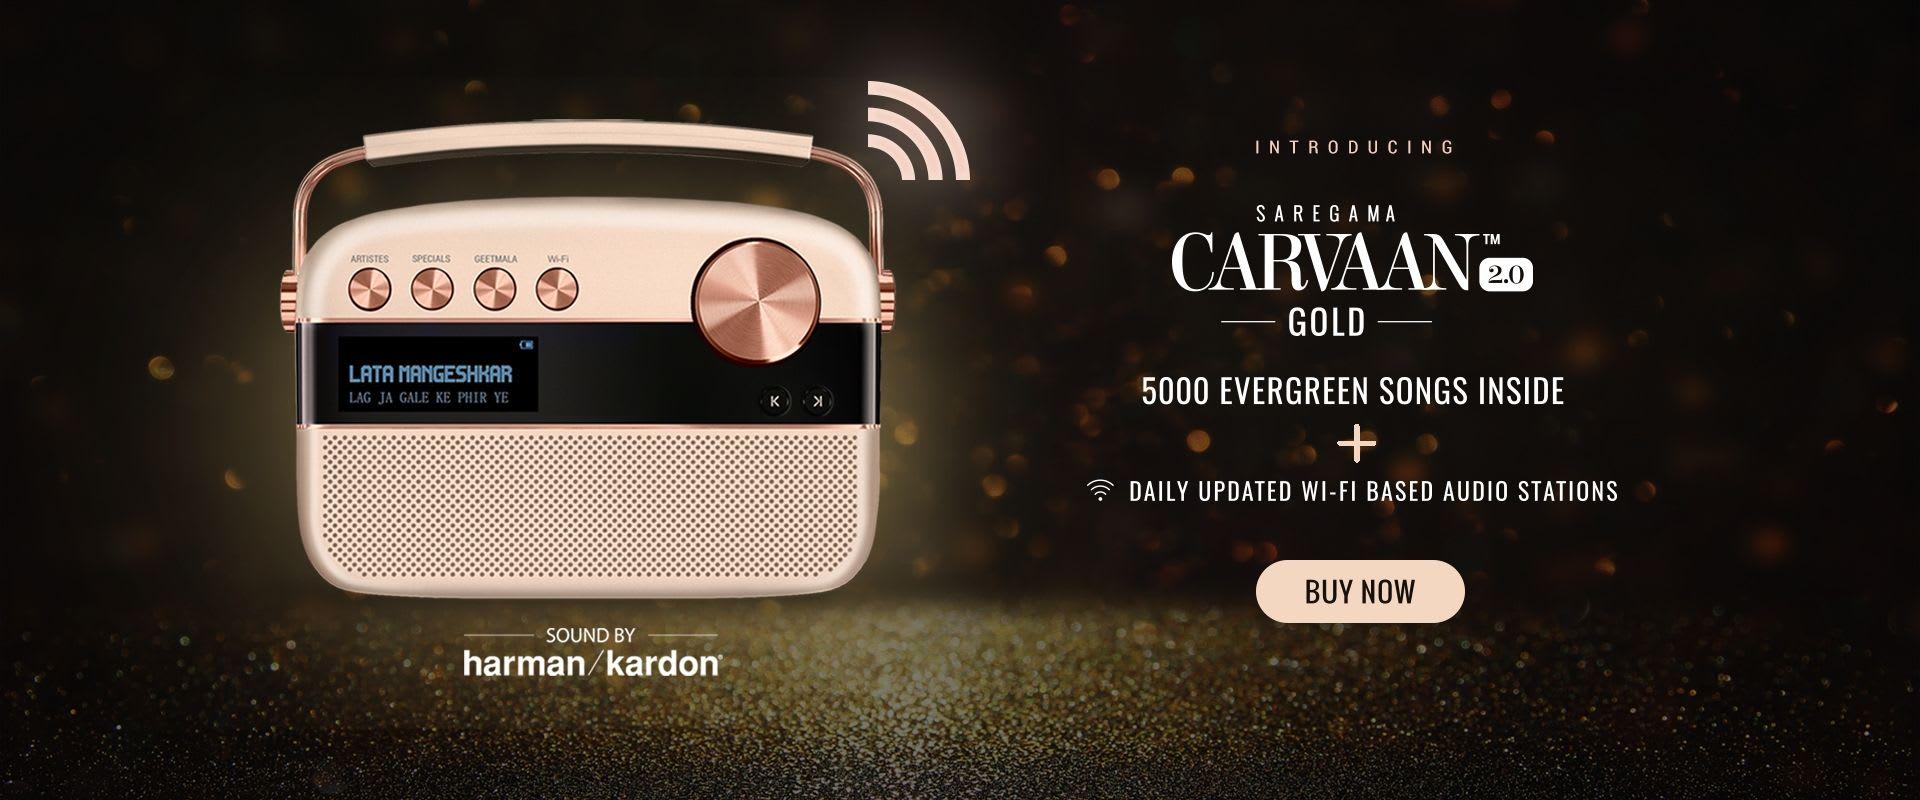 Carvaan Gold 2.0